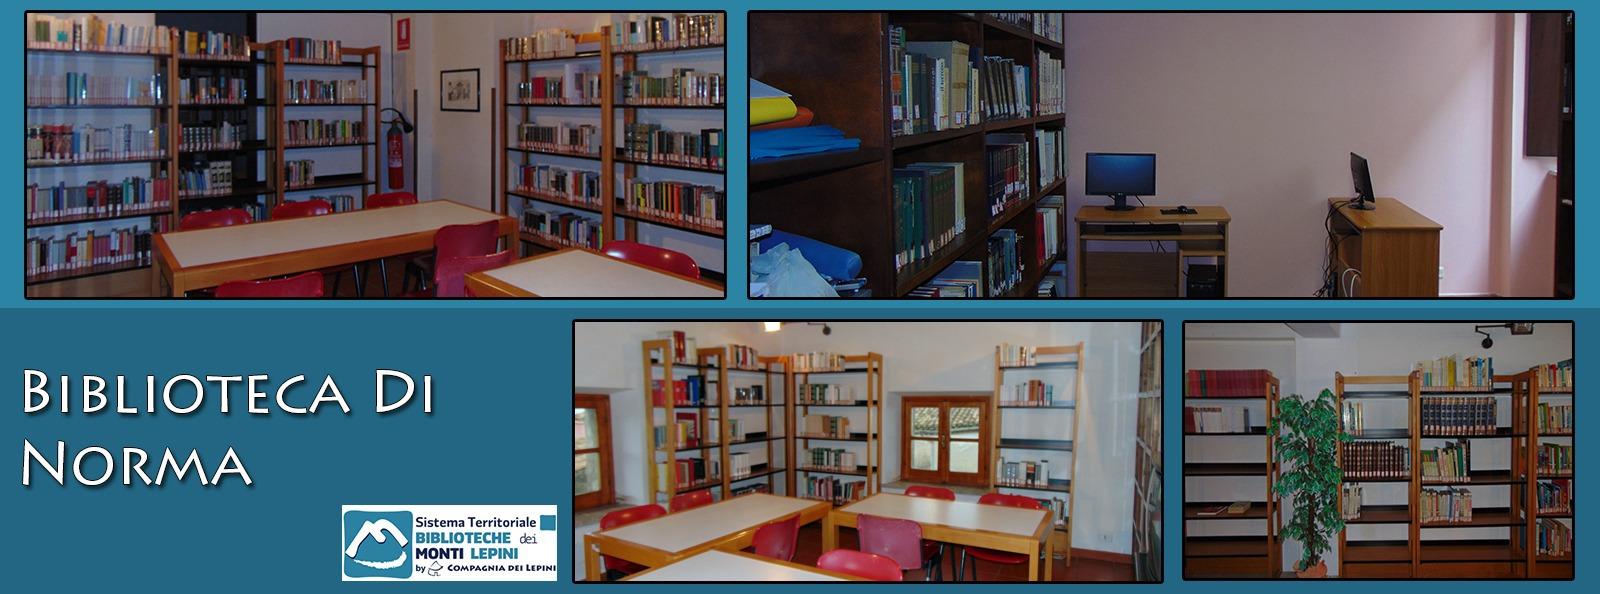 Norma - Biblioteca Comunale